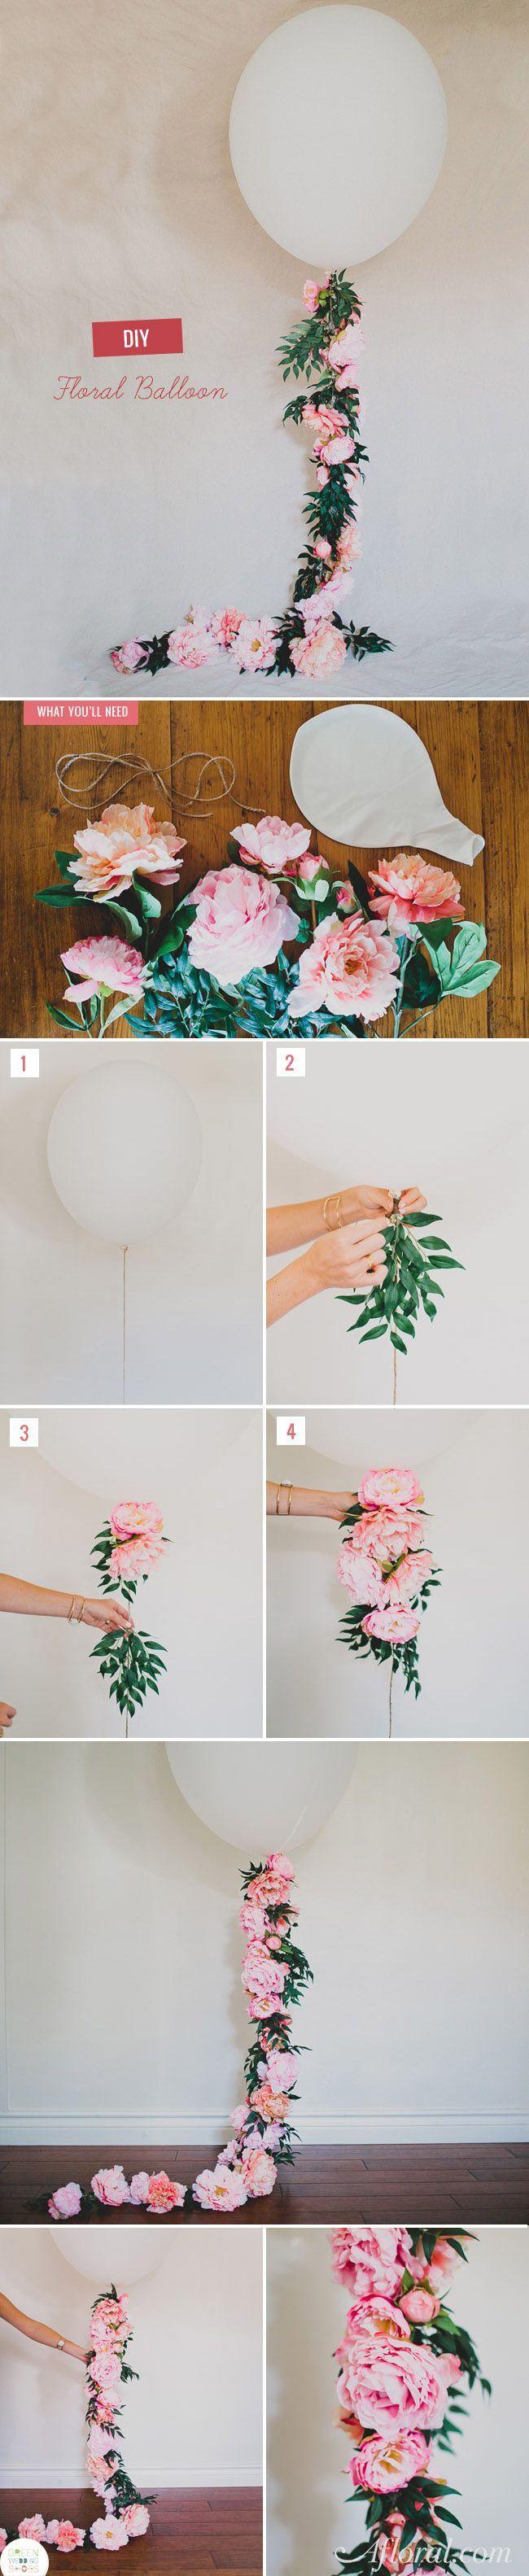 Detalles que pueden decorar una fiesta de xv años